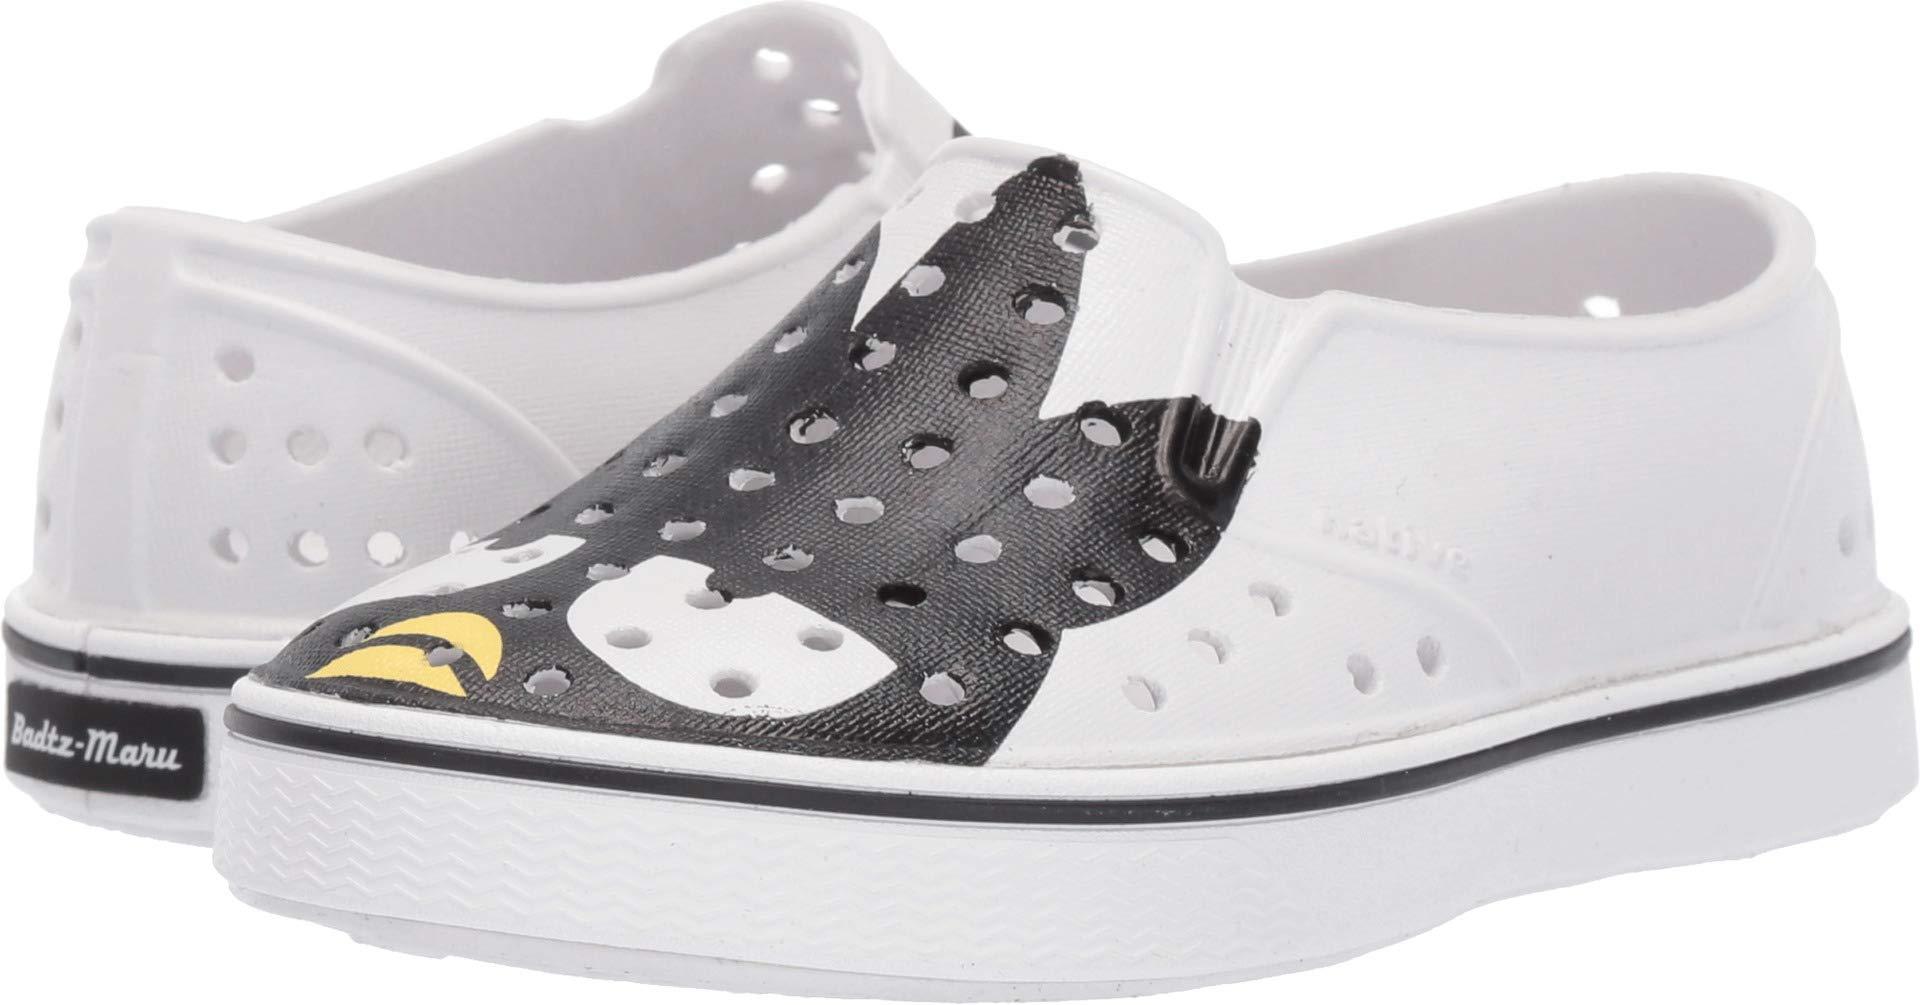 Native Kids Shoes Unisex Miles Print (Toddler/Little Kid) Shell White/Shell White/Batz 6 M US Toddler